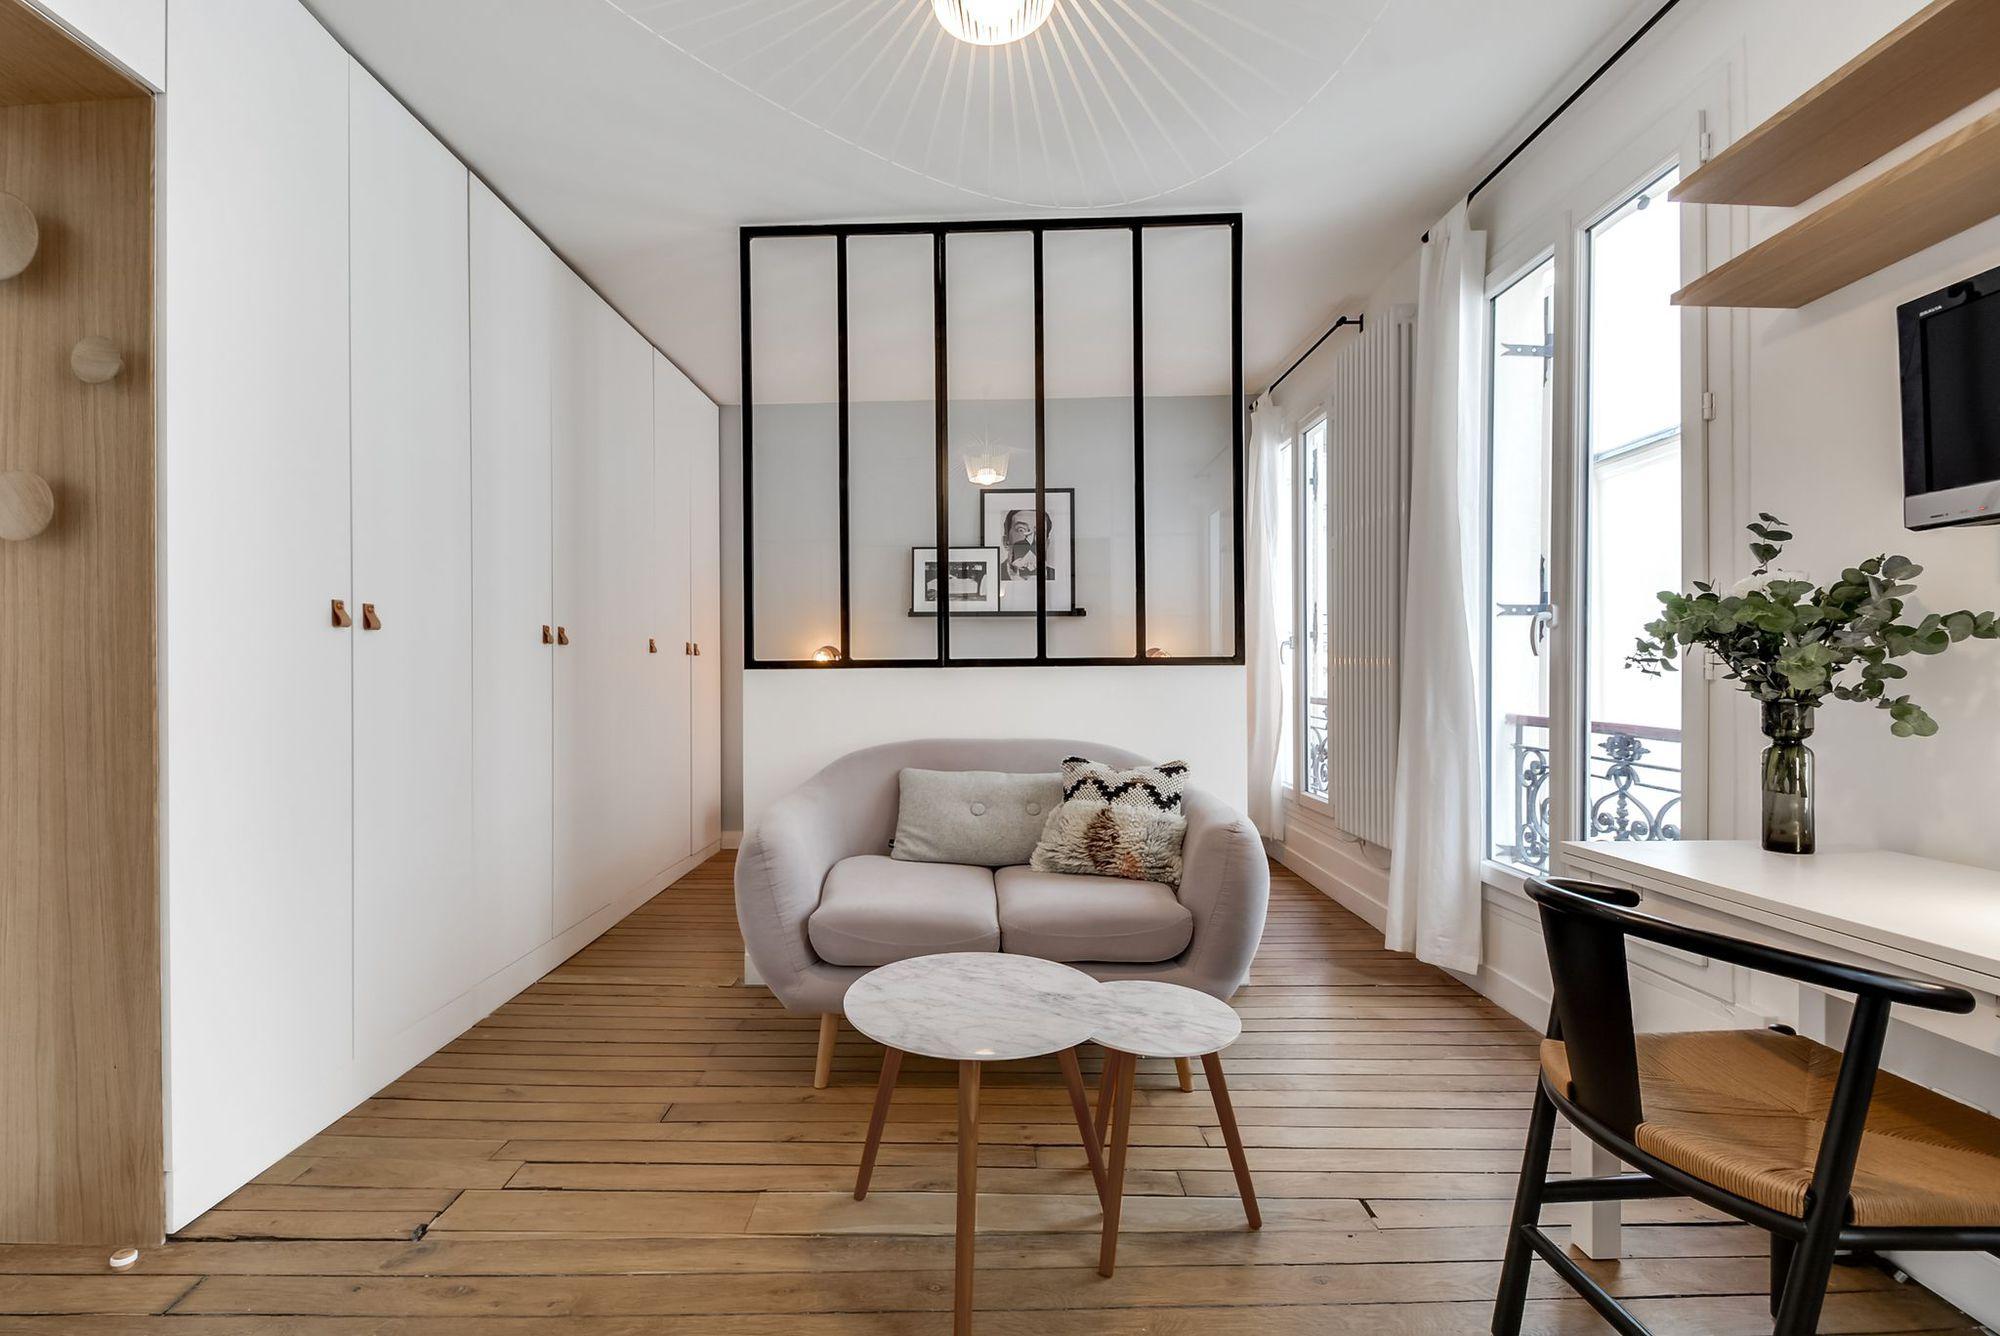 studio-scandinave-avec-verriere_5588127